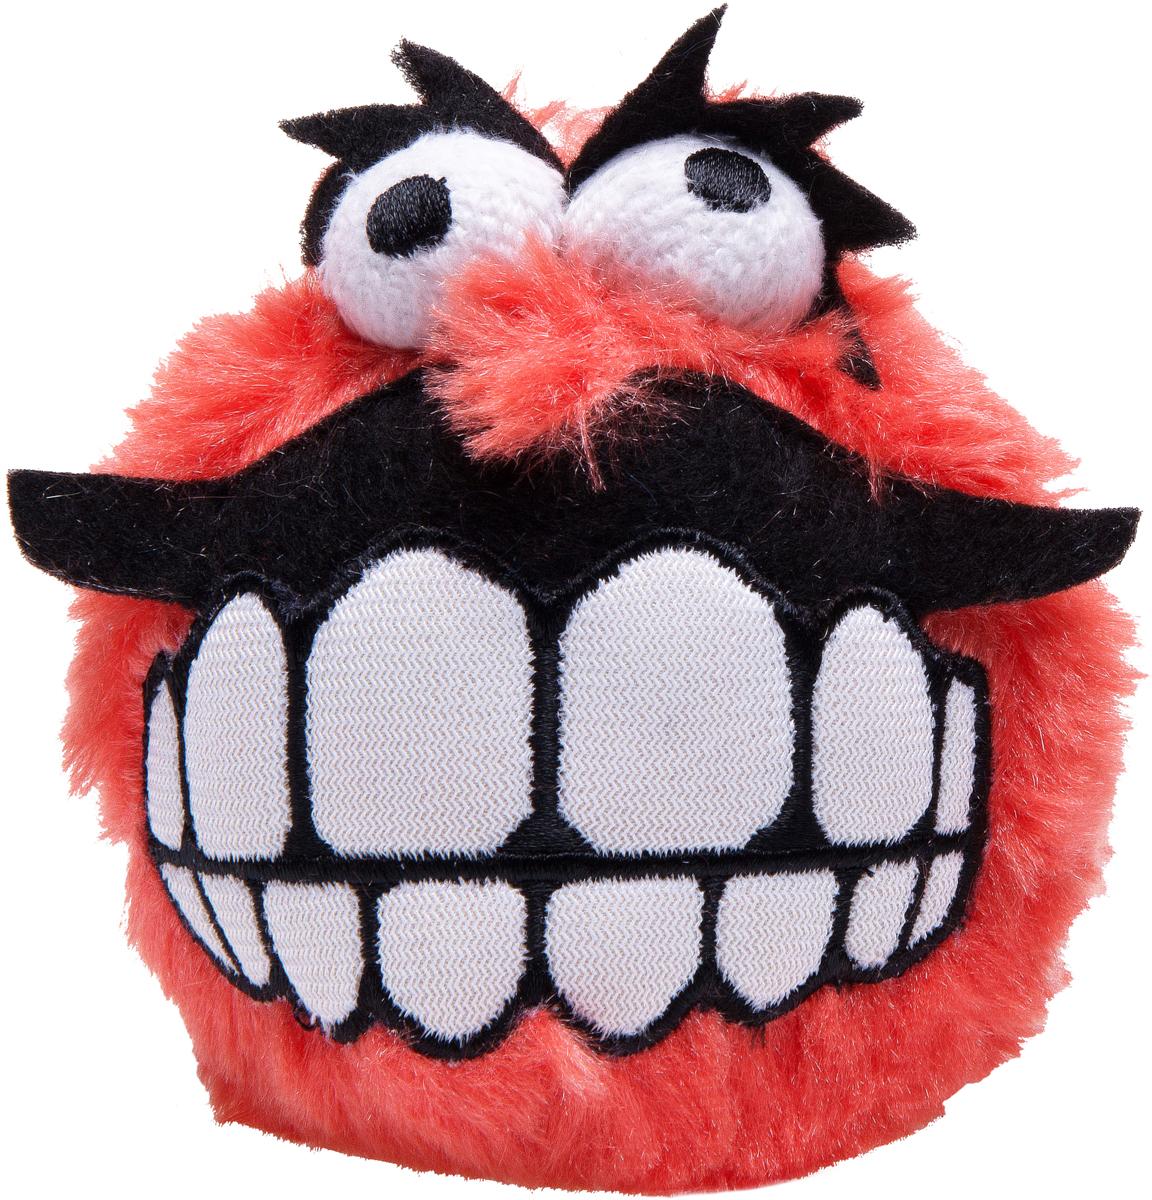 Игрушка для собак Rogz Fluffy Grinz. Зубы, цвет: красный, диаметр 4,9 смCGR01CИгрушка для собак Rogz Fluffy Grinz. Зубы - особо мягкий, плюшевый мяч. Для животных, которые любят играть в Поймай-принеси - это просто мечта.Небольшой вес изделия.Не травмирует зубы и десны.Удобен для переноски животных.Внутри игрушки пищалка, что поддерживает интерес животного к игре.